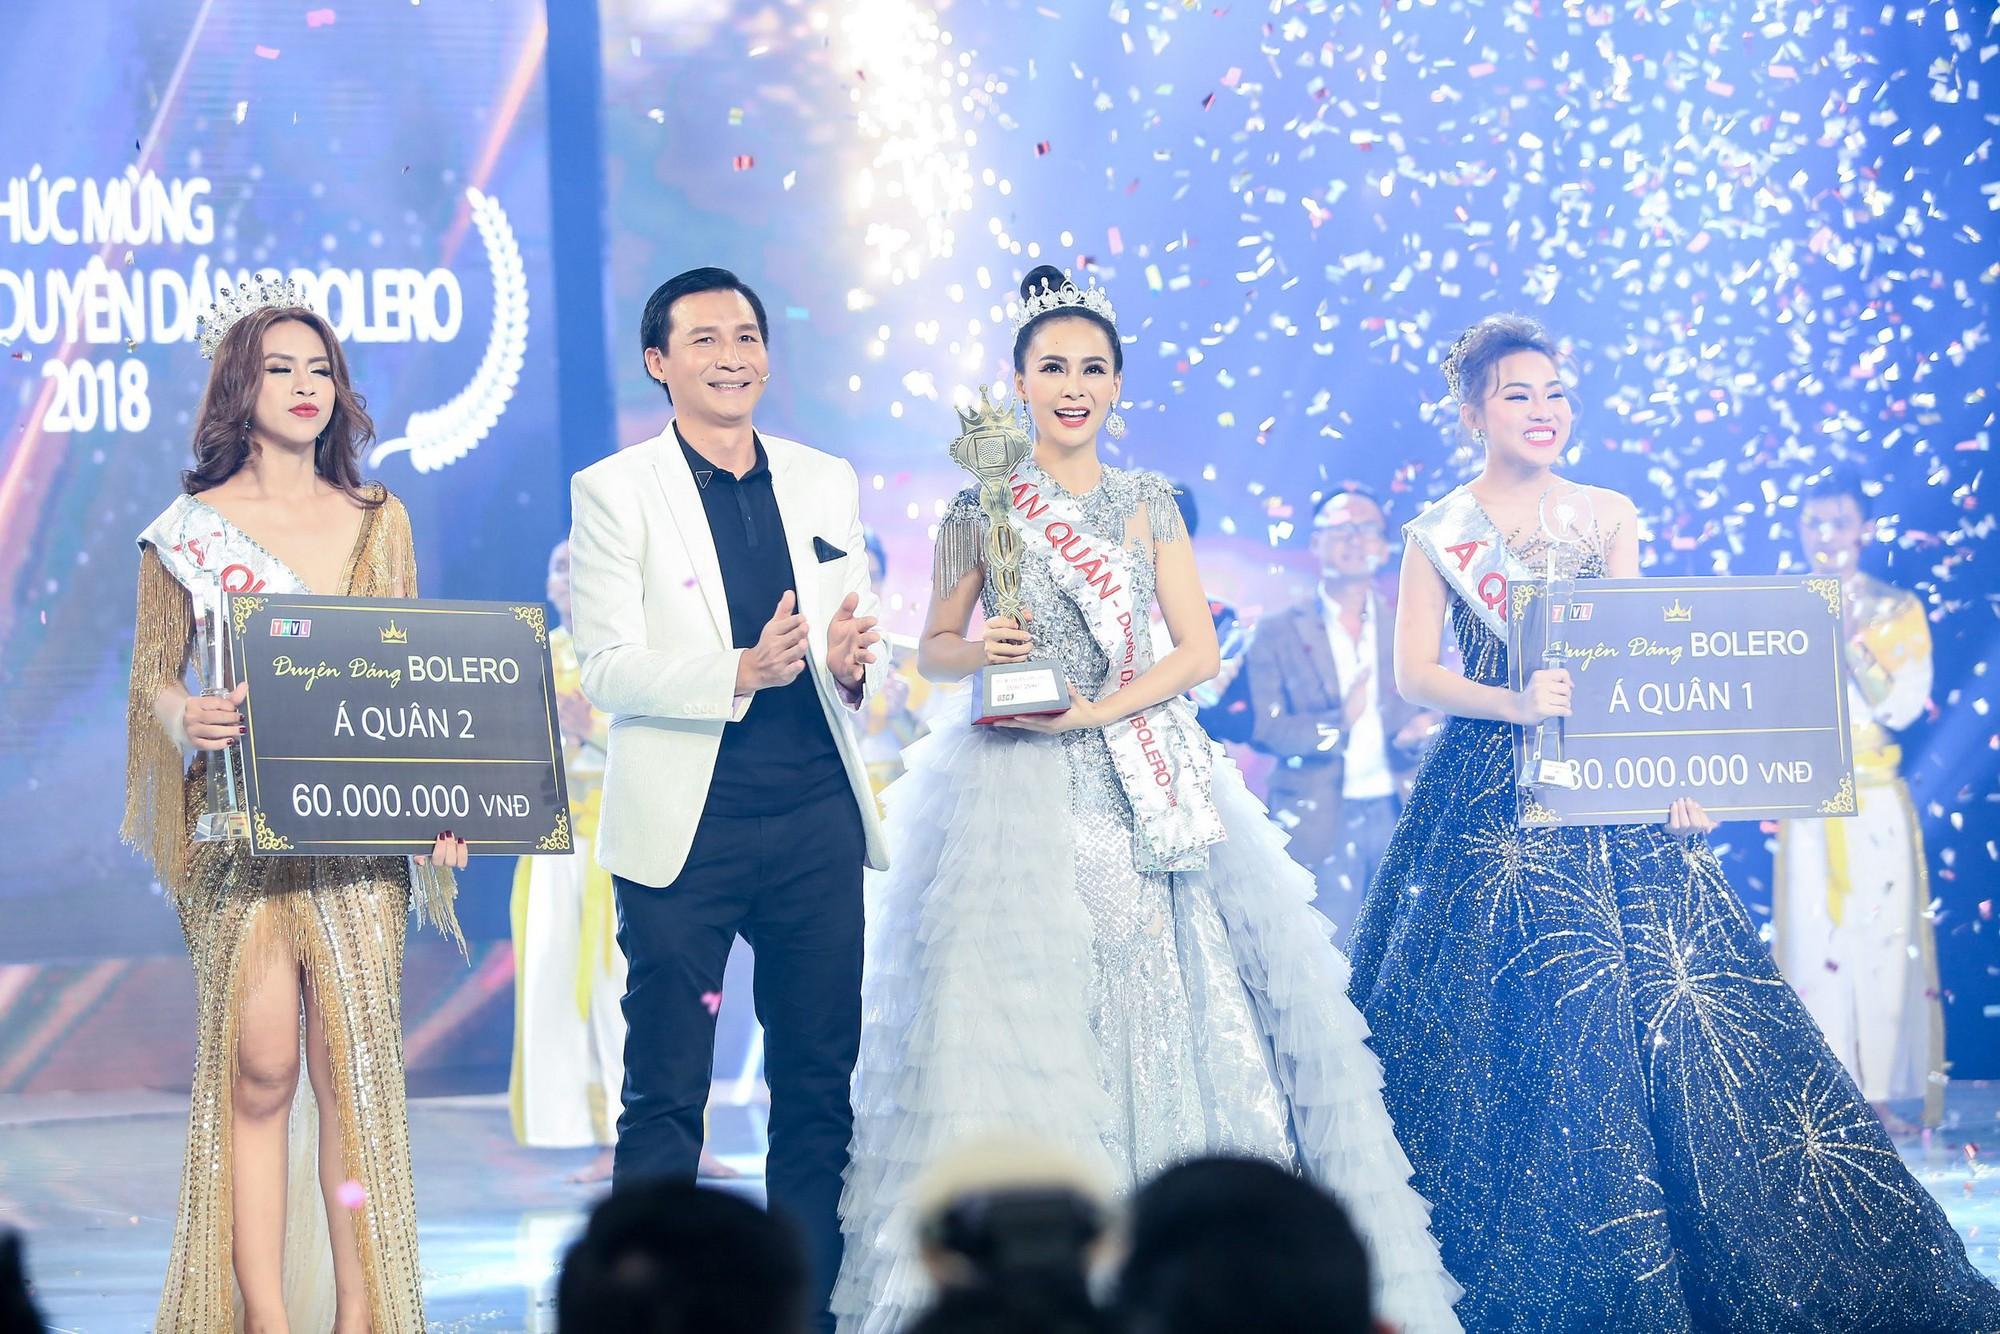 Người đẹp Mỹ Ngọc lên ngôi Quán quân Duyên dáng Bolero 2018 - Ảnh 1.